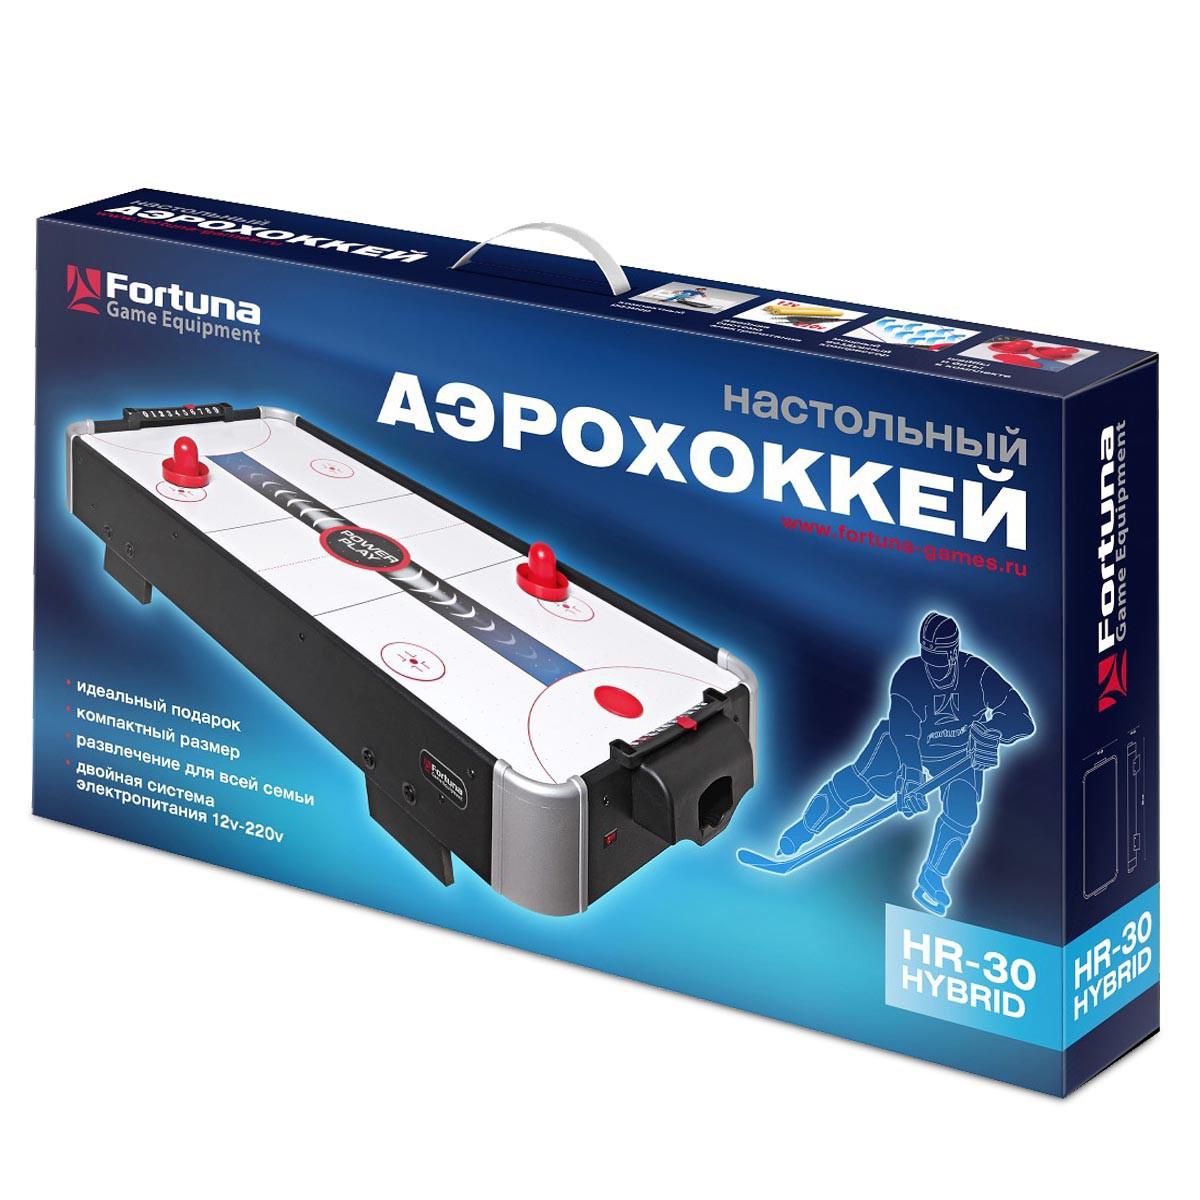 fortuna hr 30 power play hybrid купить